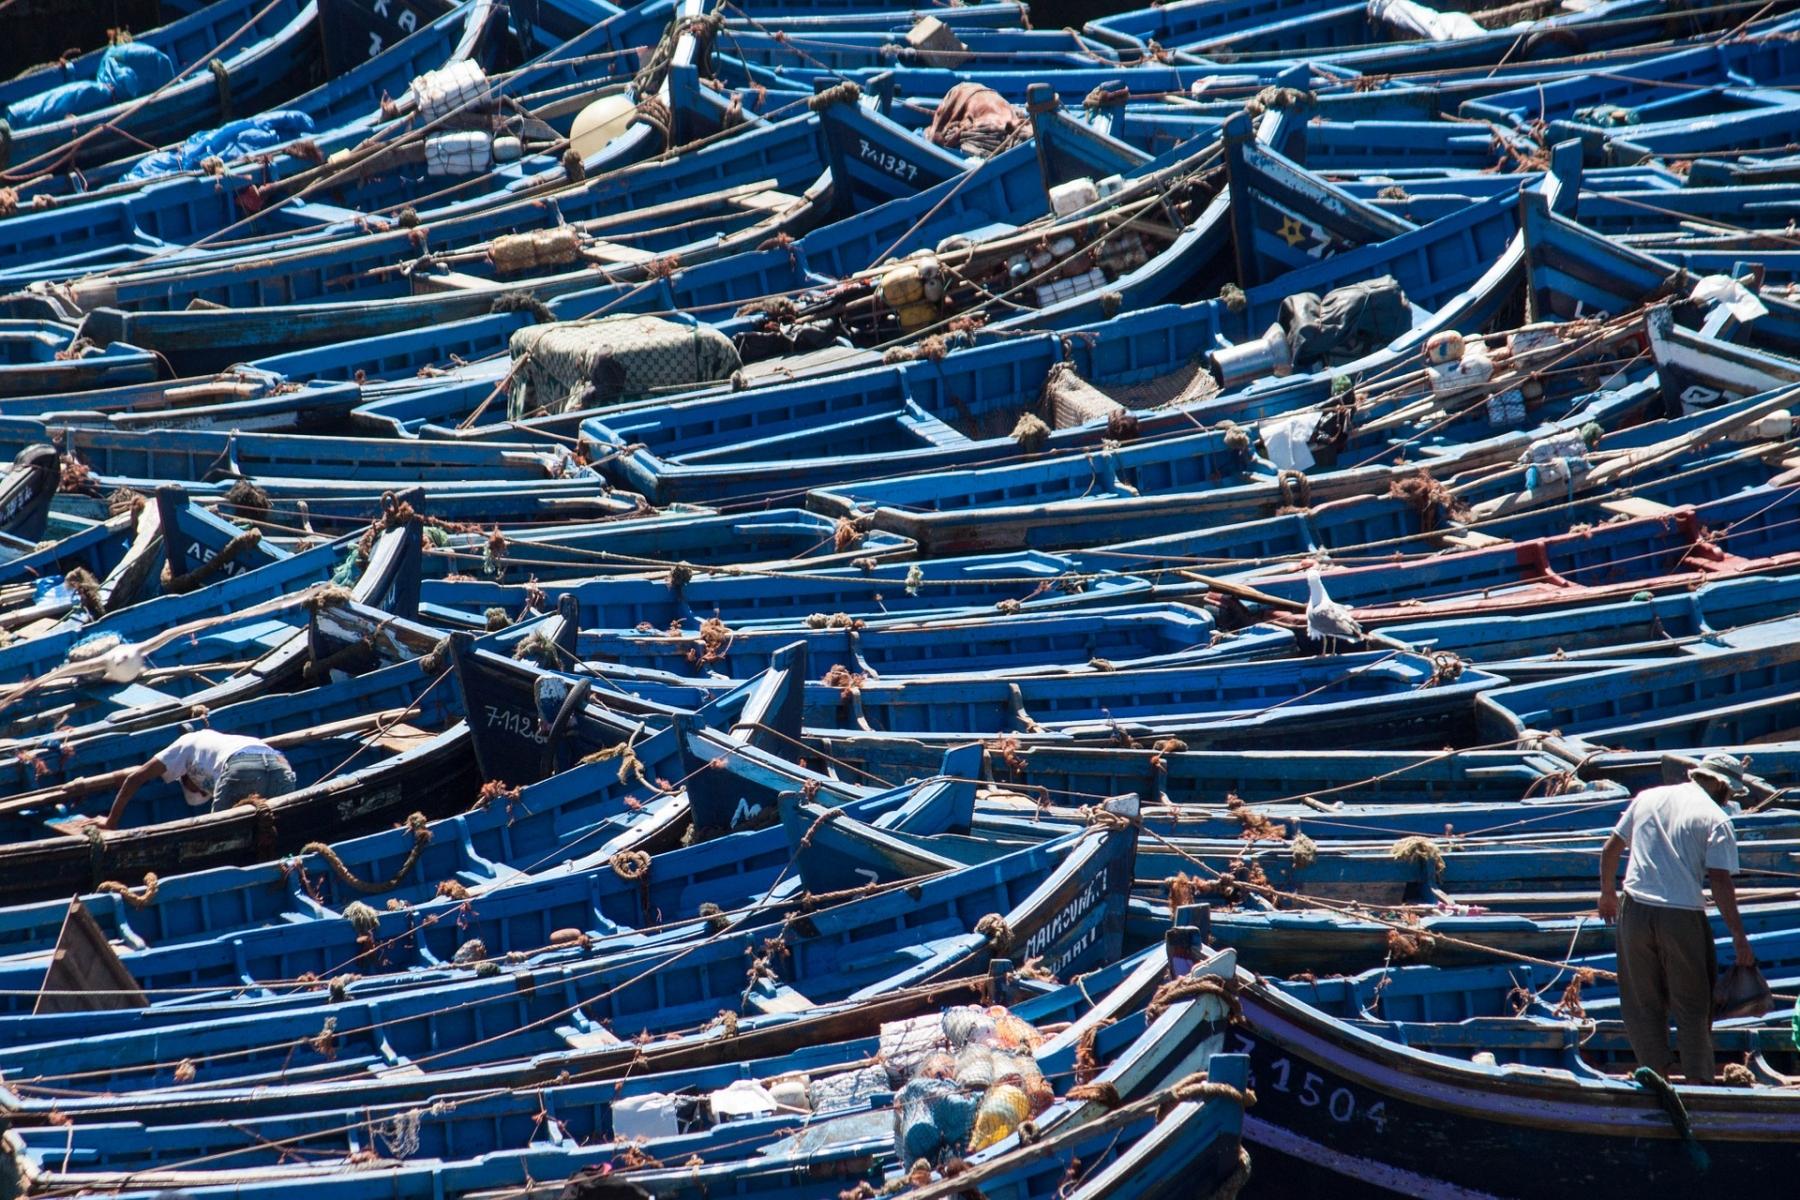 boats-1143724_1920